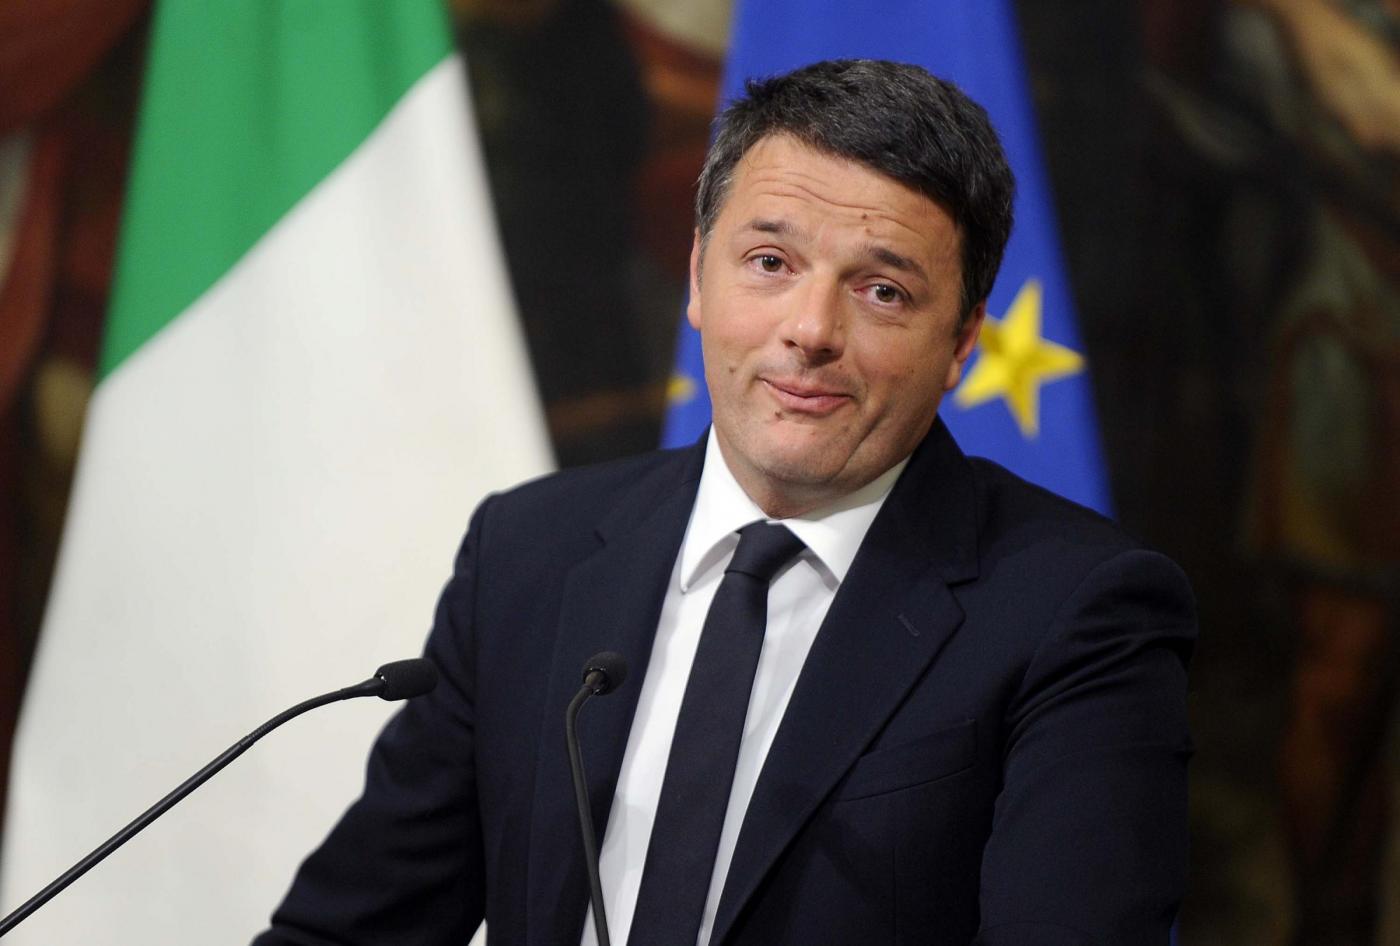 Matteo Renzi torna a casa: 'Dimissioni vere ma non lascio la politica'